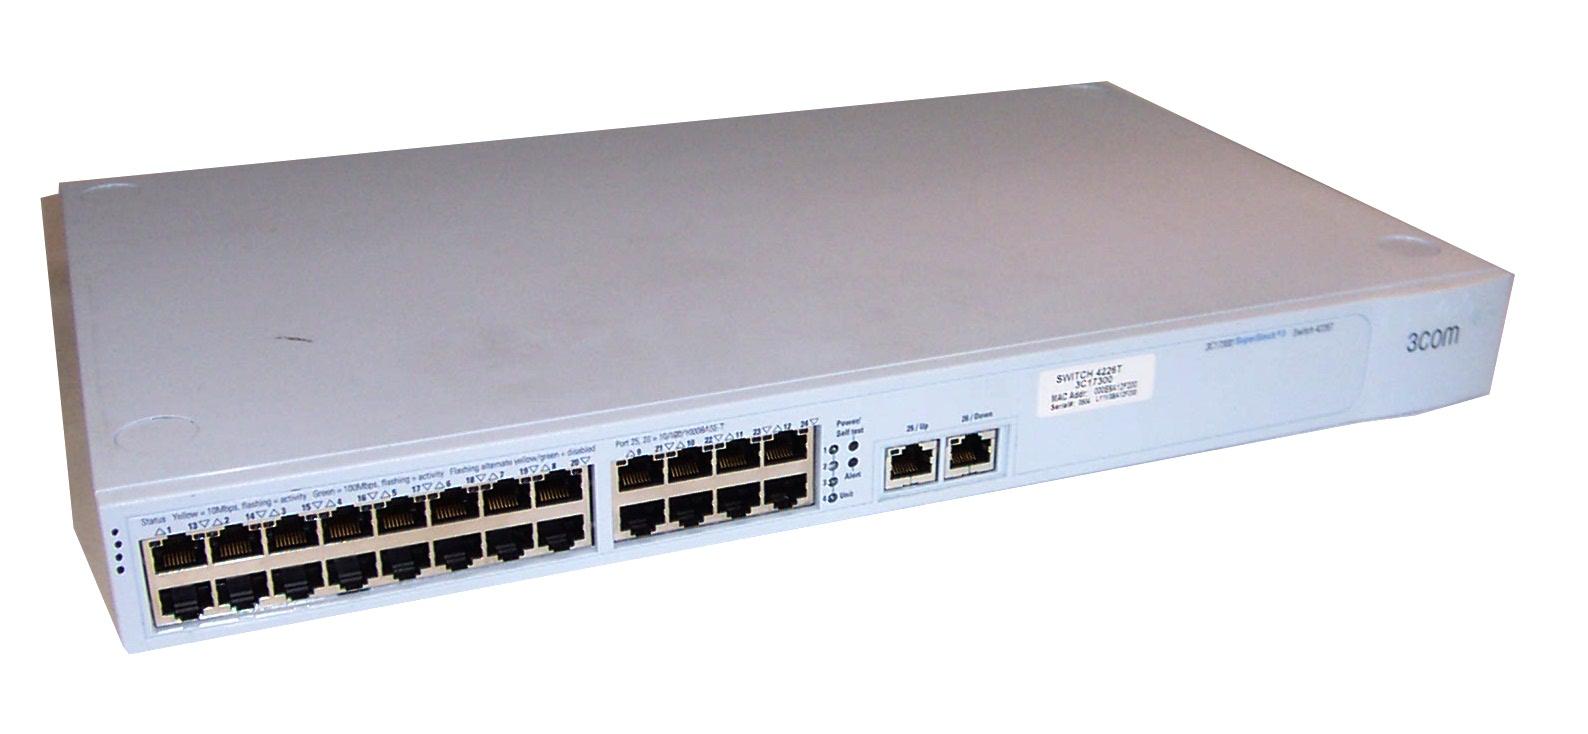 3com 3c17300 superstack 3 operational ver 4226t for 3 com switch